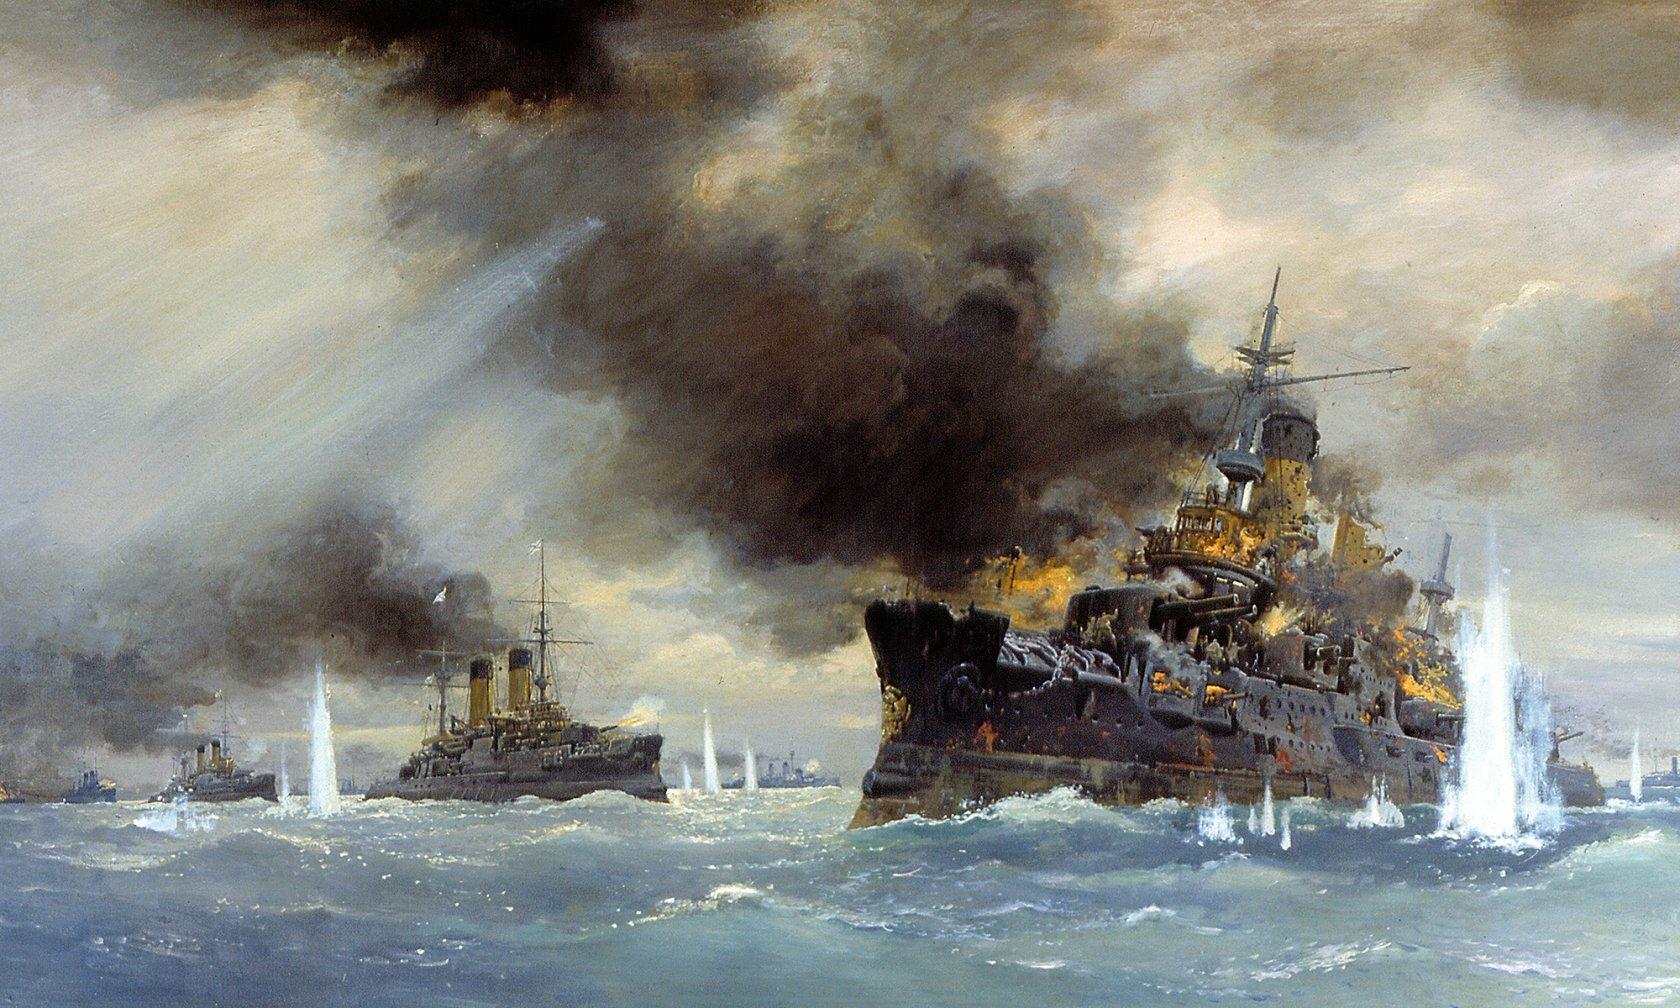 Сергей Пен - Цусимское сражение. 1905 год, 1991